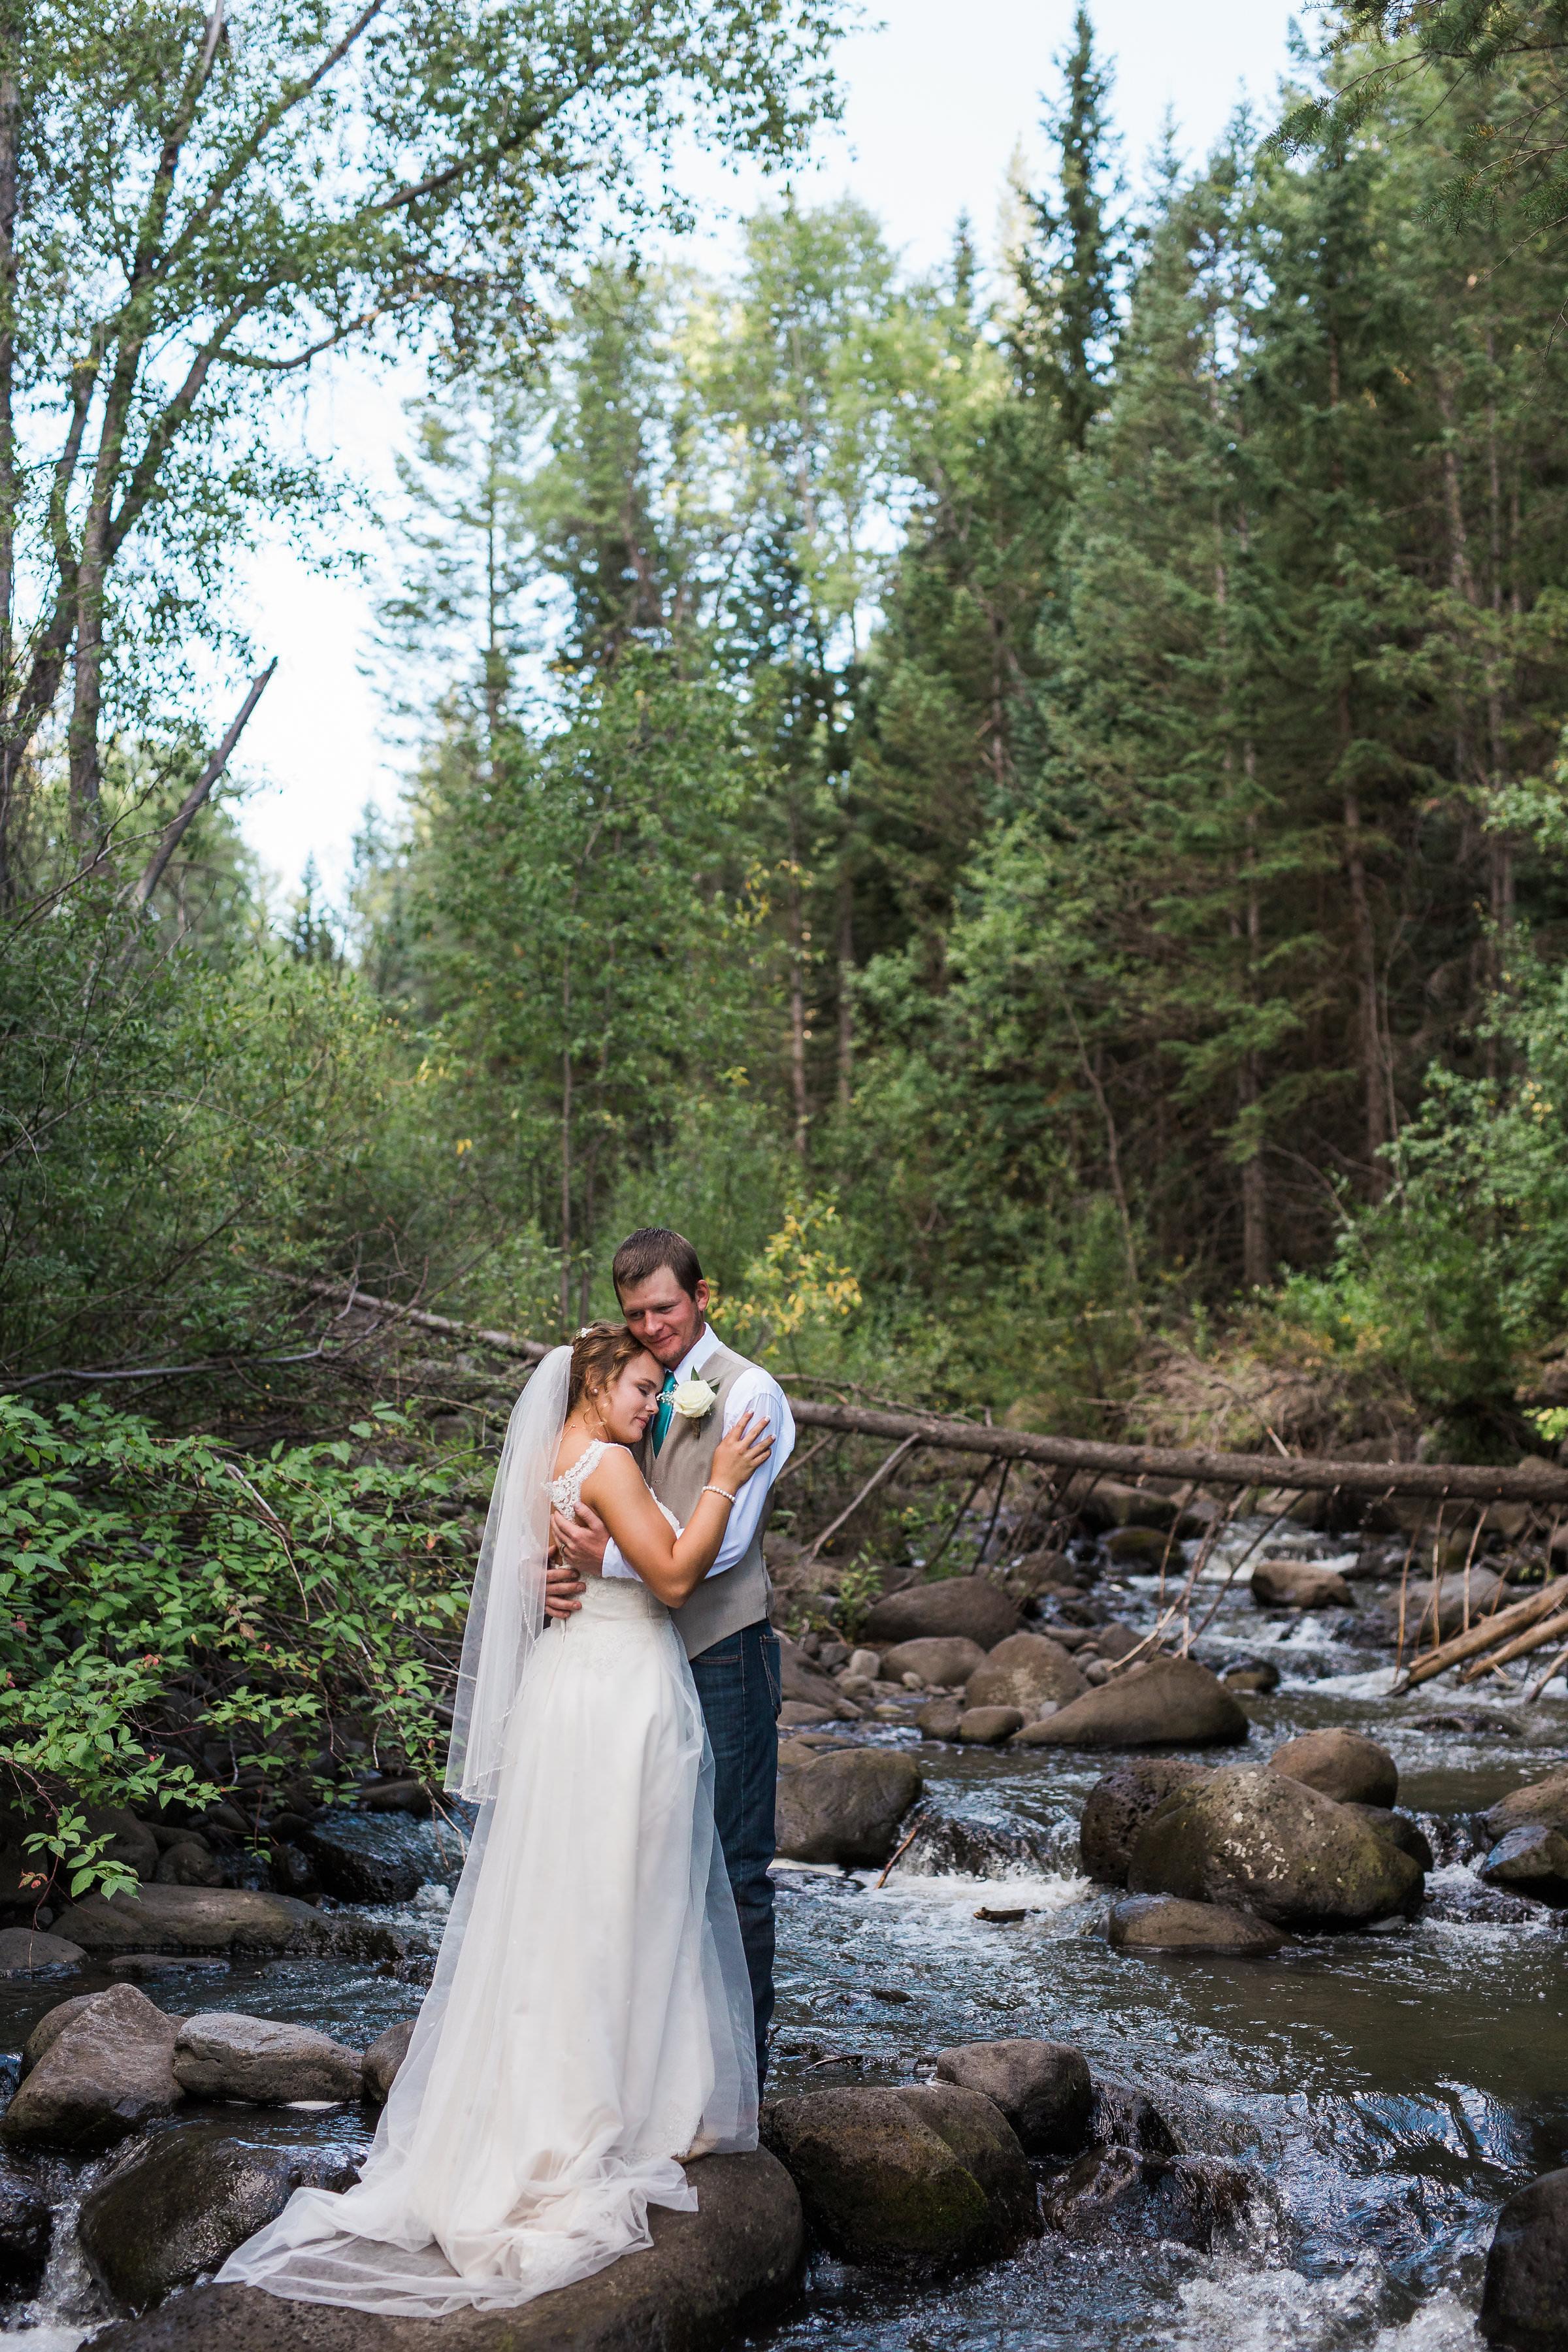 Colorado Mountain River Bride Groom Portrait